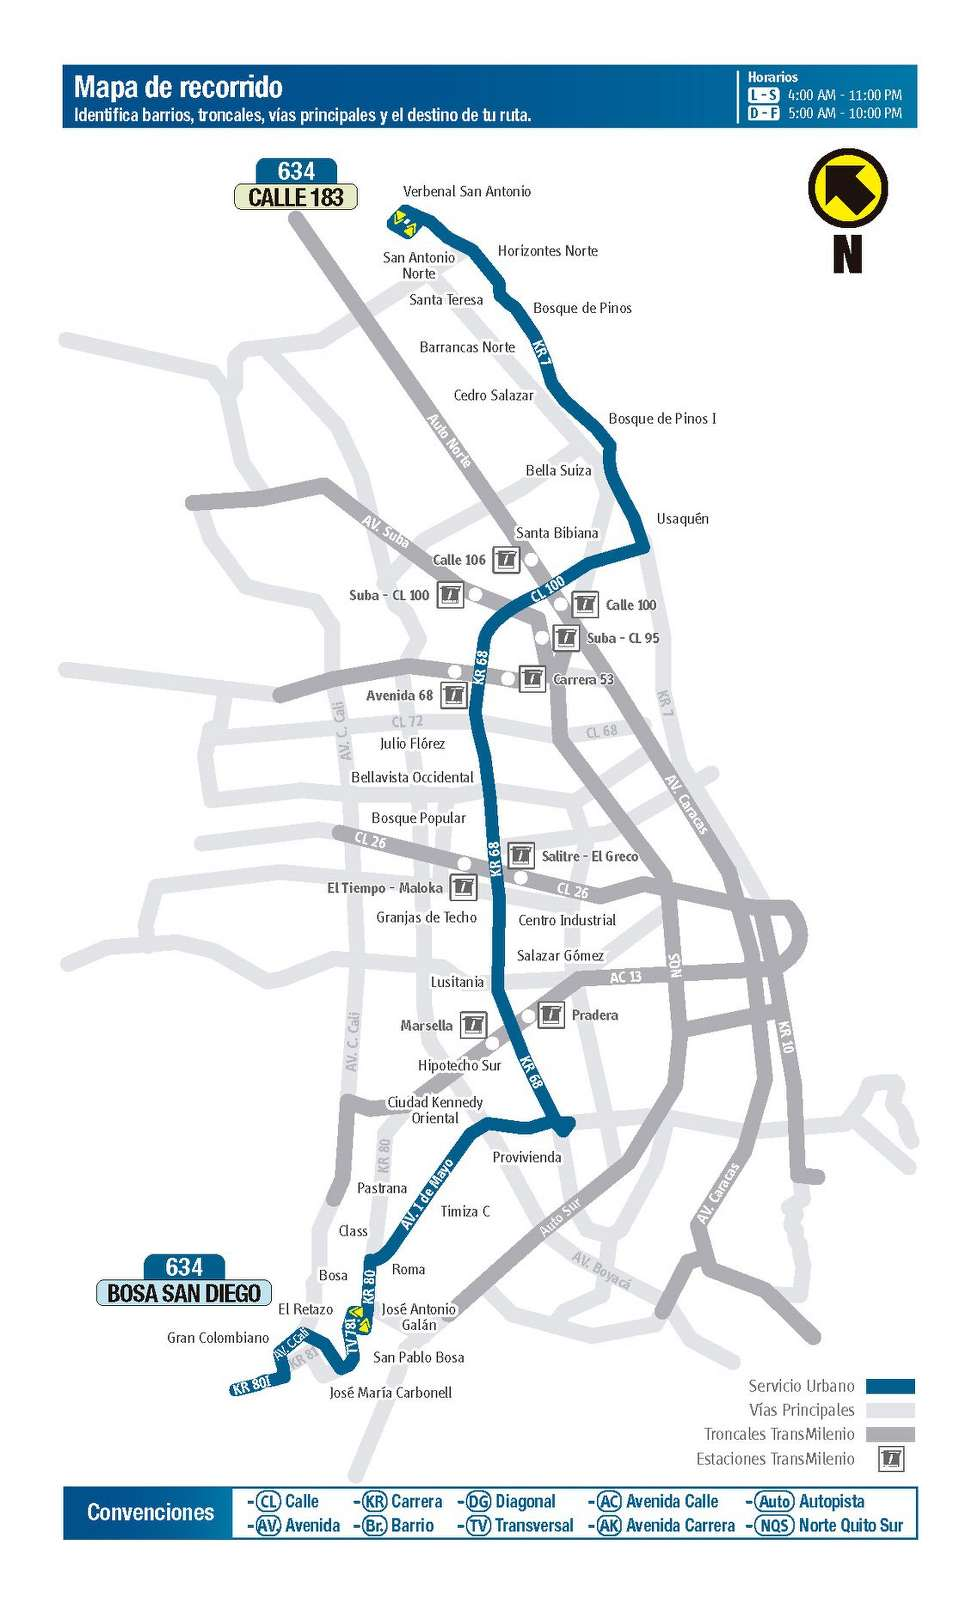 634 > Calle 183 - Bosa San Diego (mapa de la ruta)